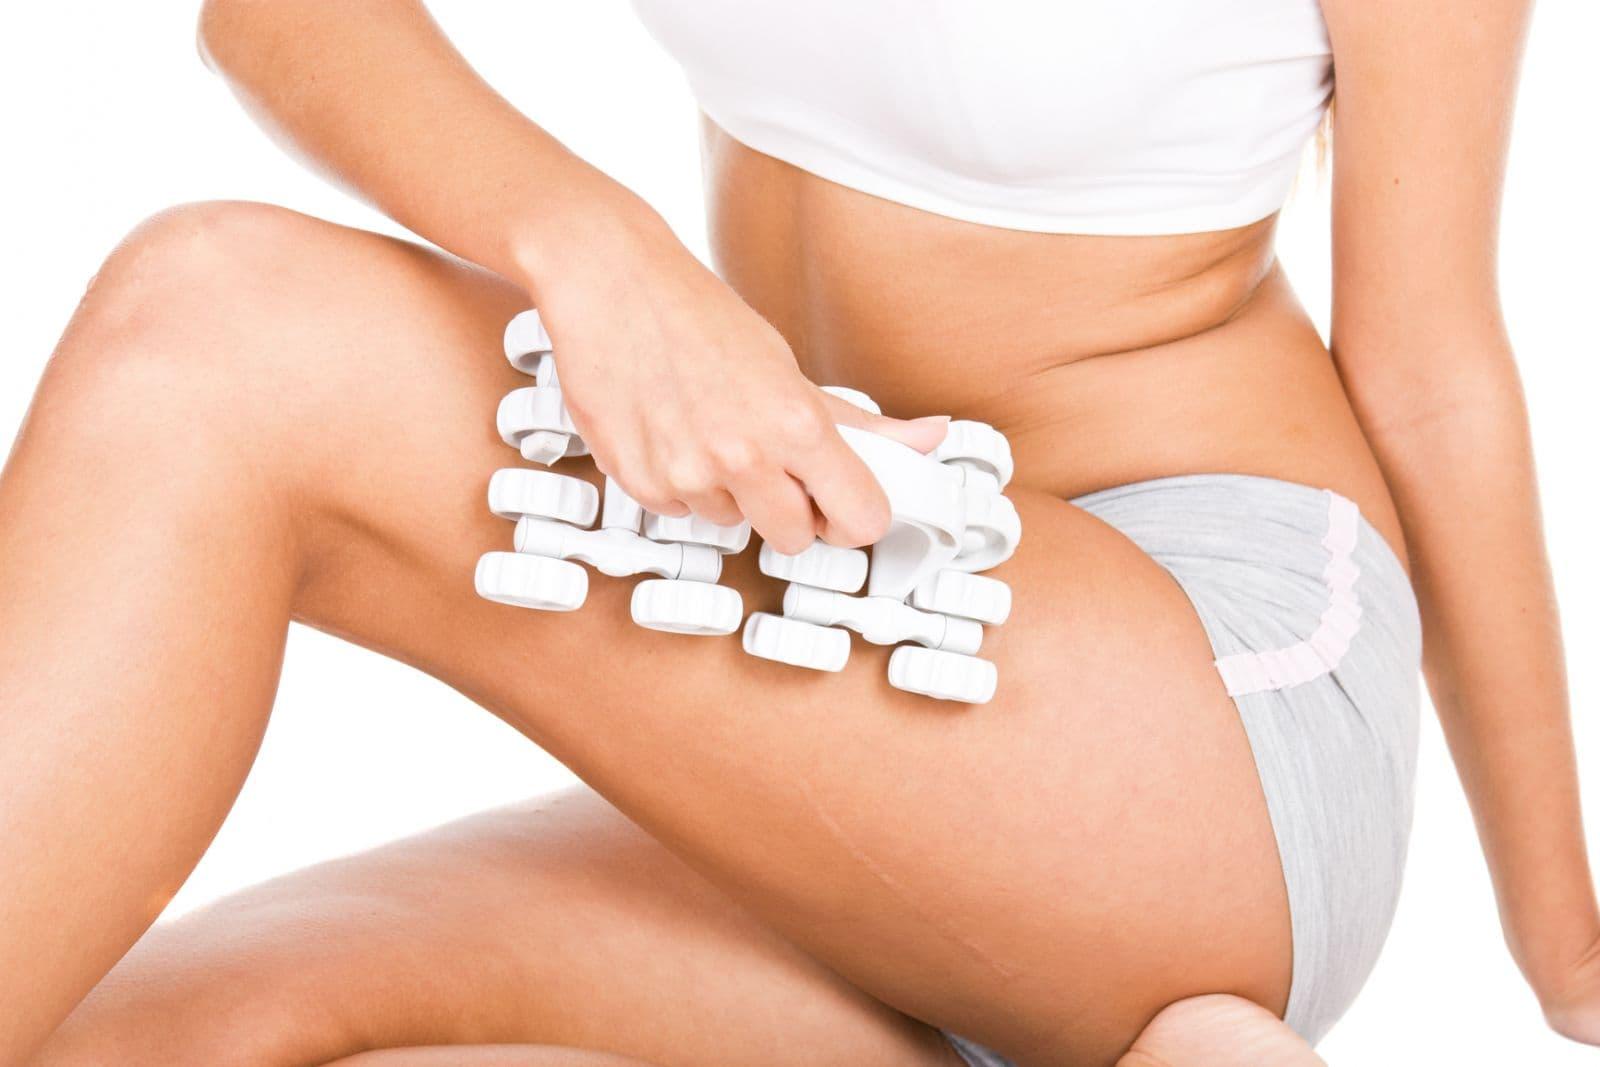 Антицеллюлитный массаж для оздоровления и похудения: когда лучше делать